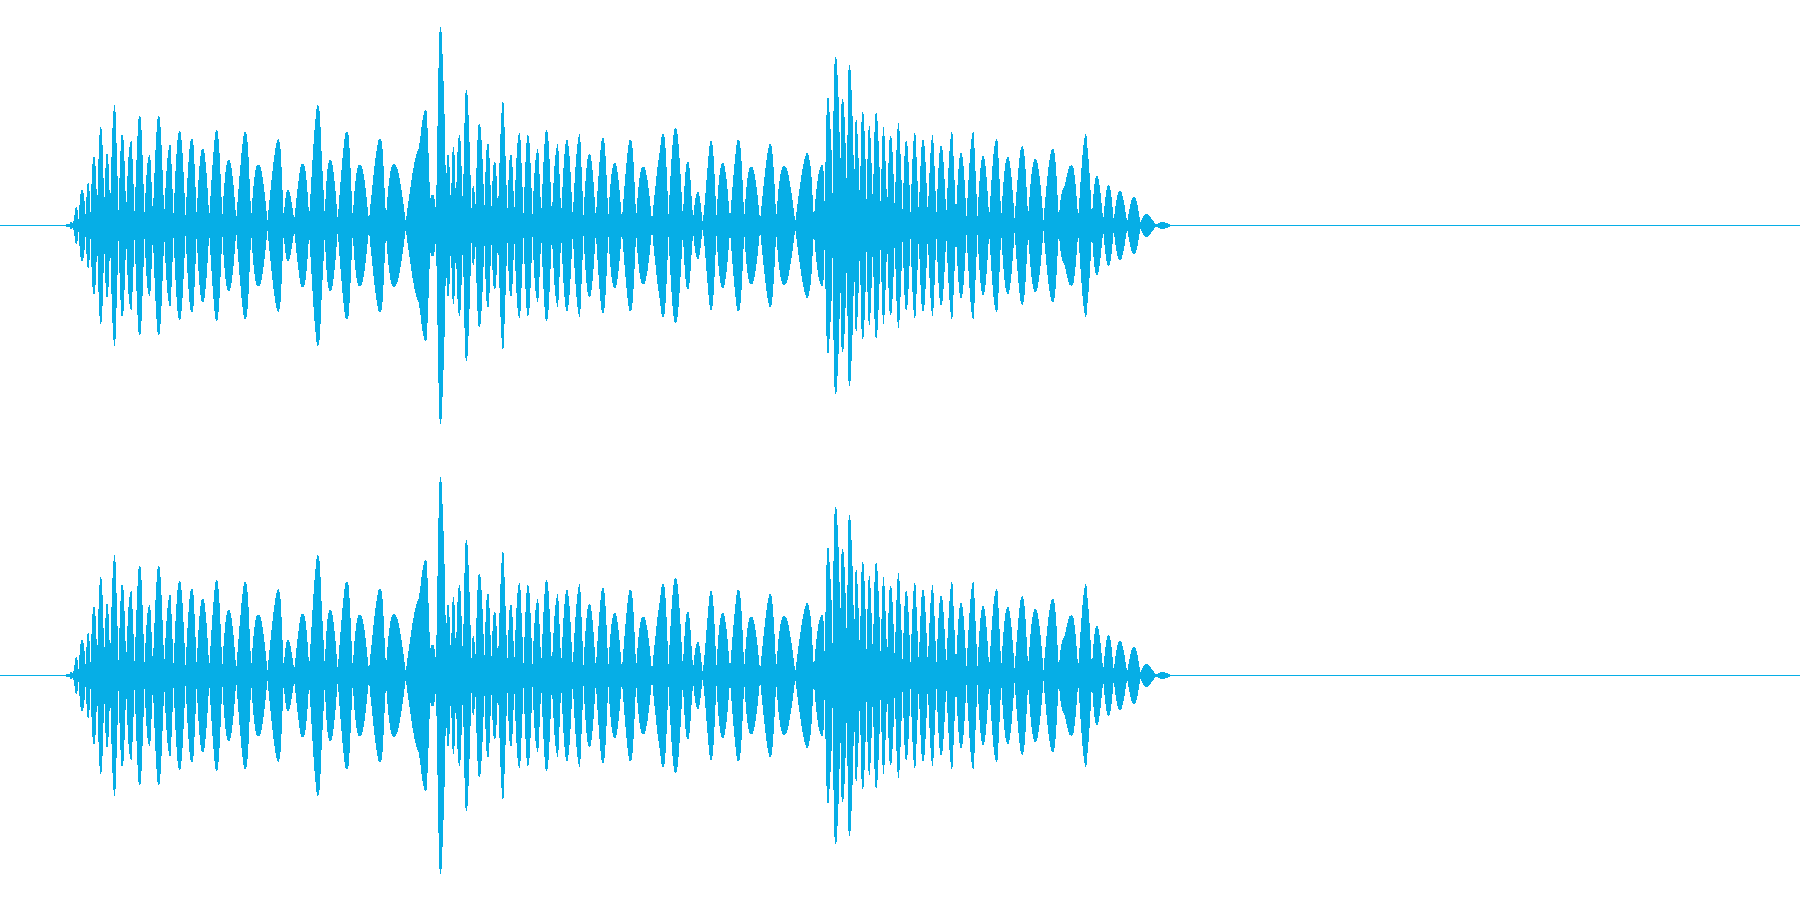 急に止まる時のイメージ音の再生済みの波形